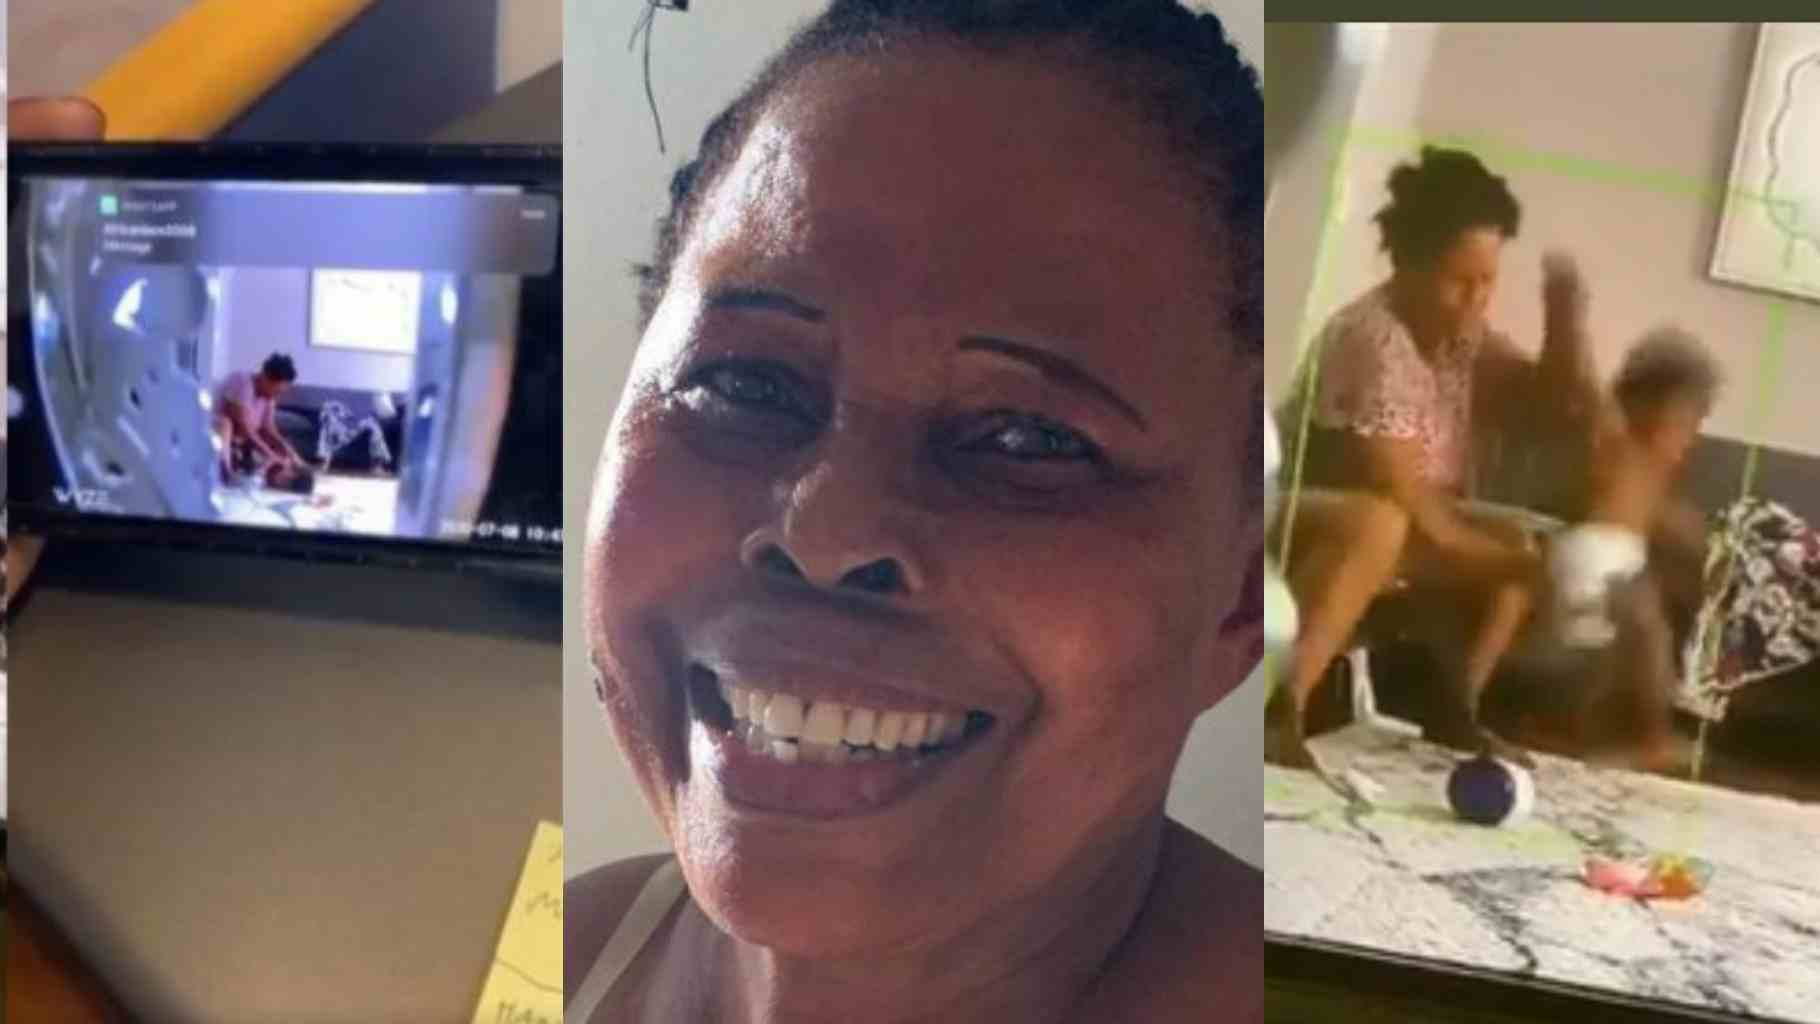 A nanny cam caught a Utah woman kicking, hitting and